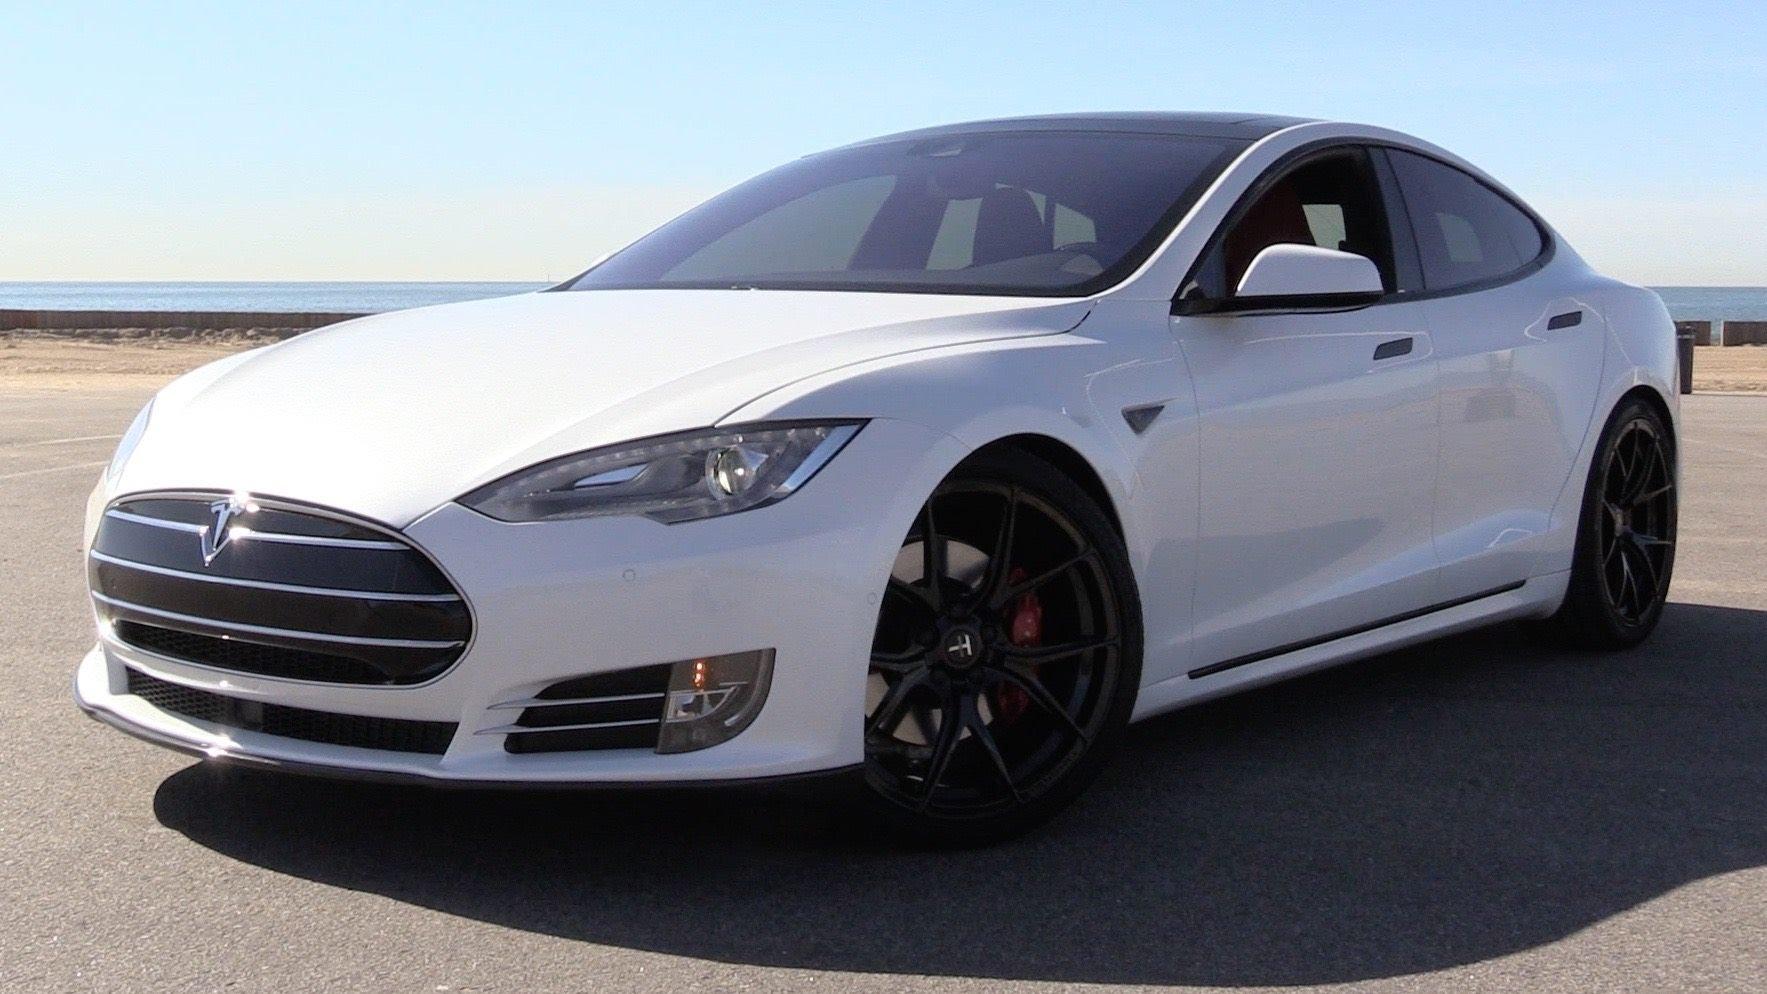 Review del Tesla S 60 2016 - Conclusión